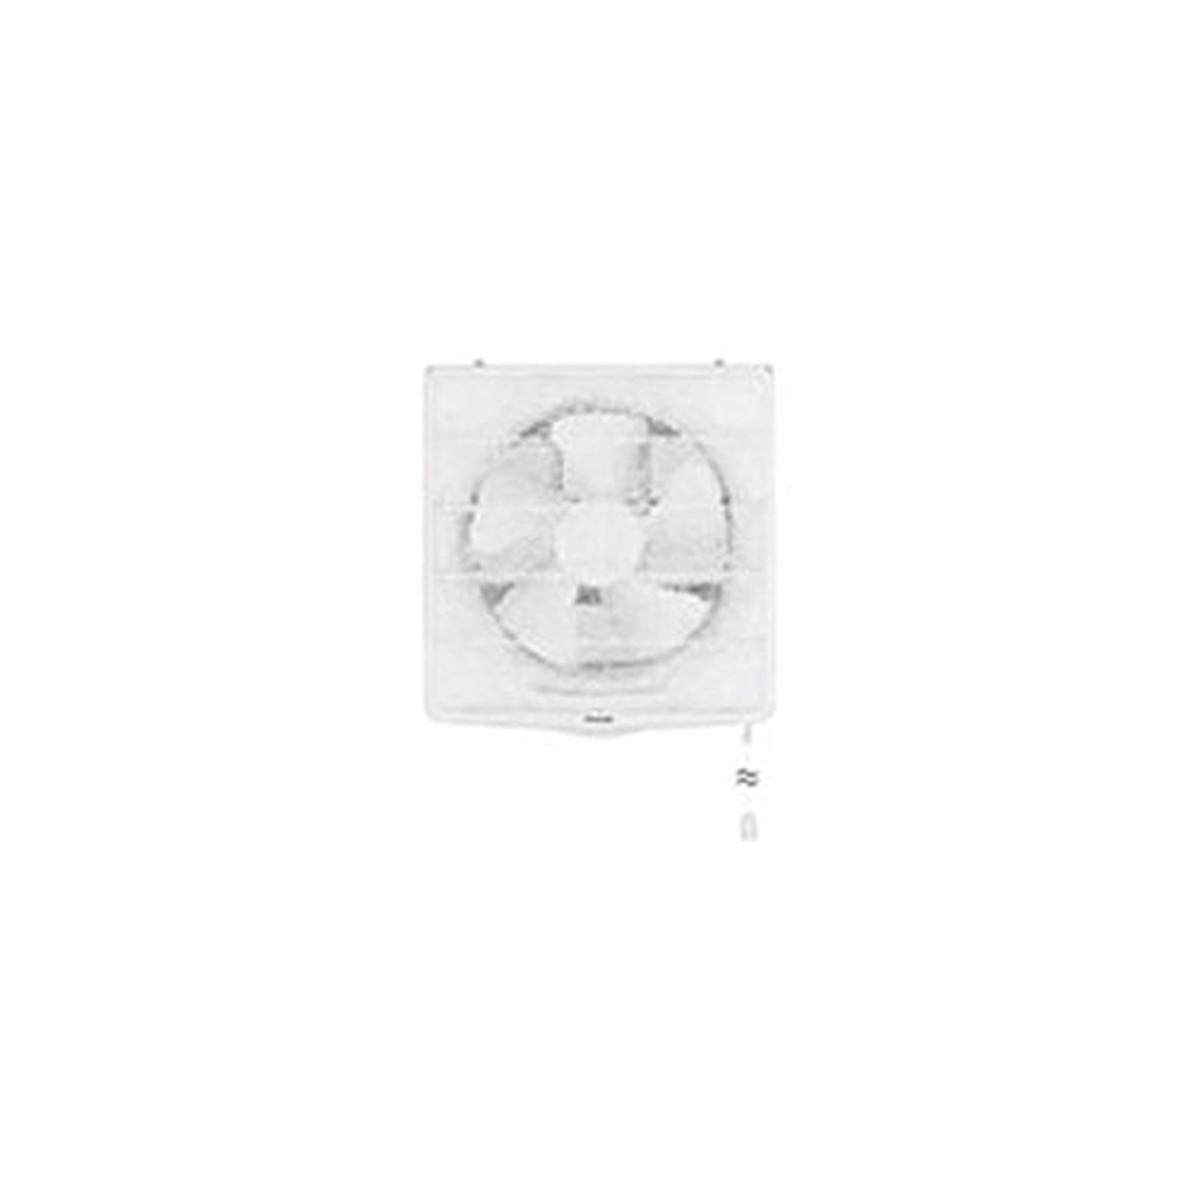 パナソニック(Panasonic) フィルター付換気扇(20cm) FY-20TH1【クーポン配布中】